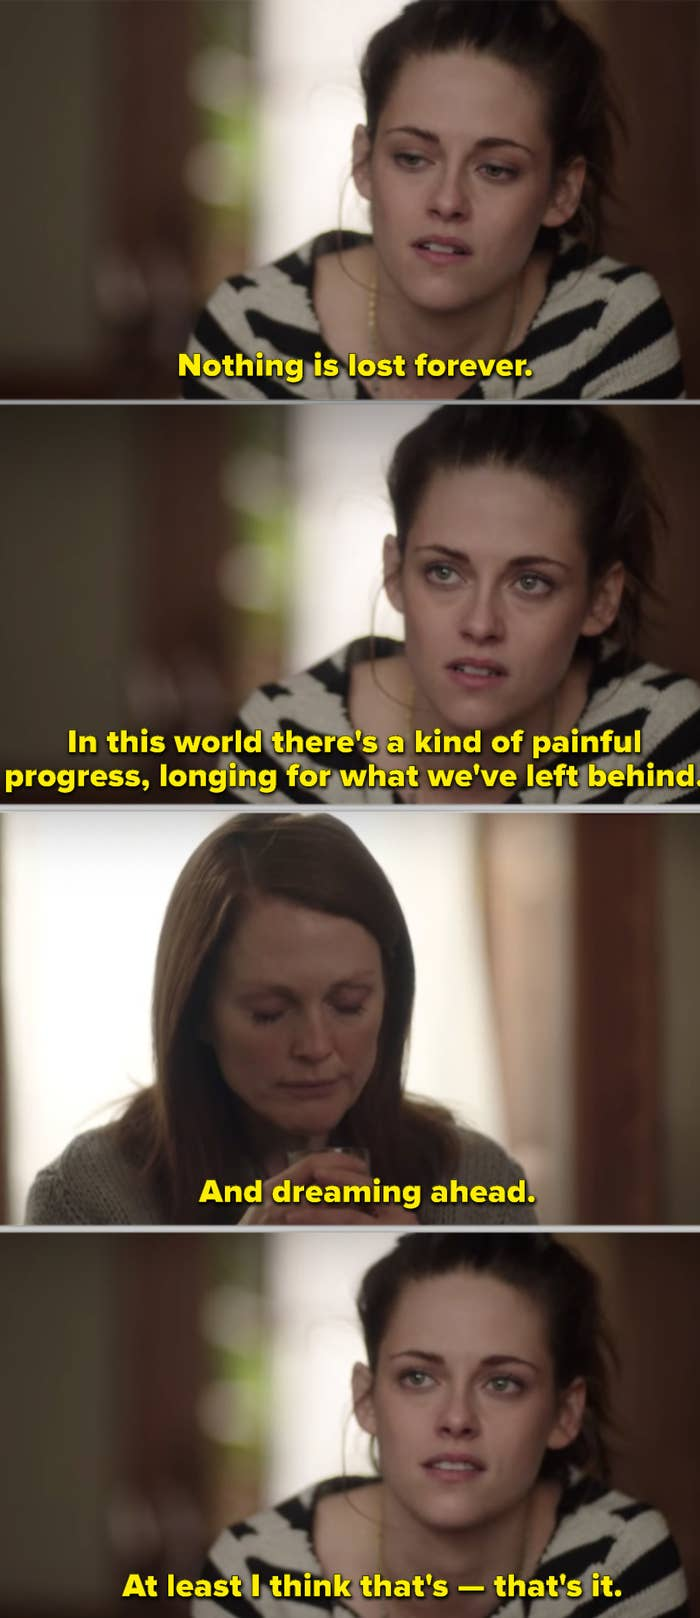 Kristen Stewart in an emotional scene with Julianne Moore in Still Alice